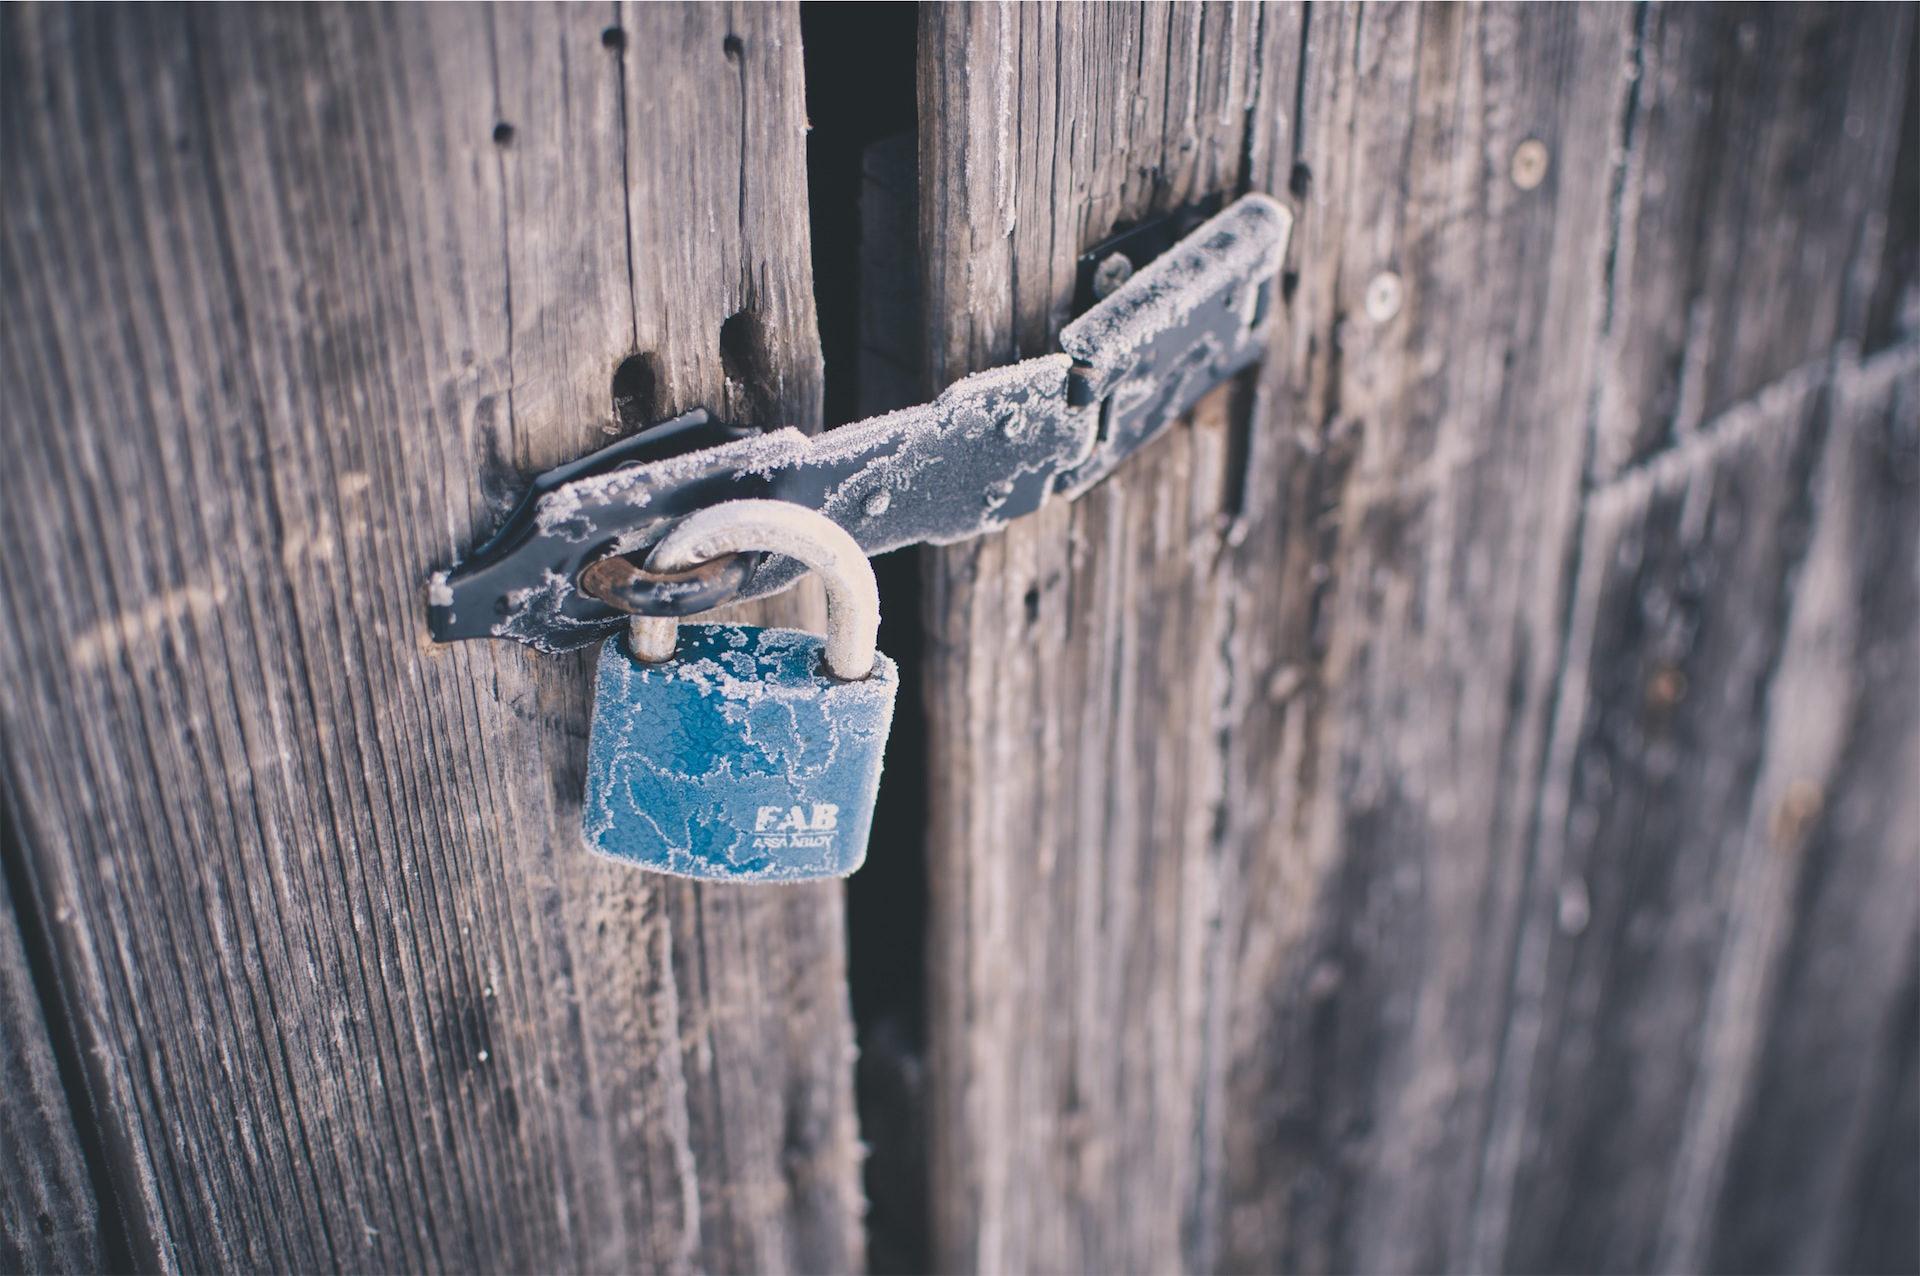 lucchetto, bullone, porta, vecchio, gelato - Sfondi HD - Professor-falken.com